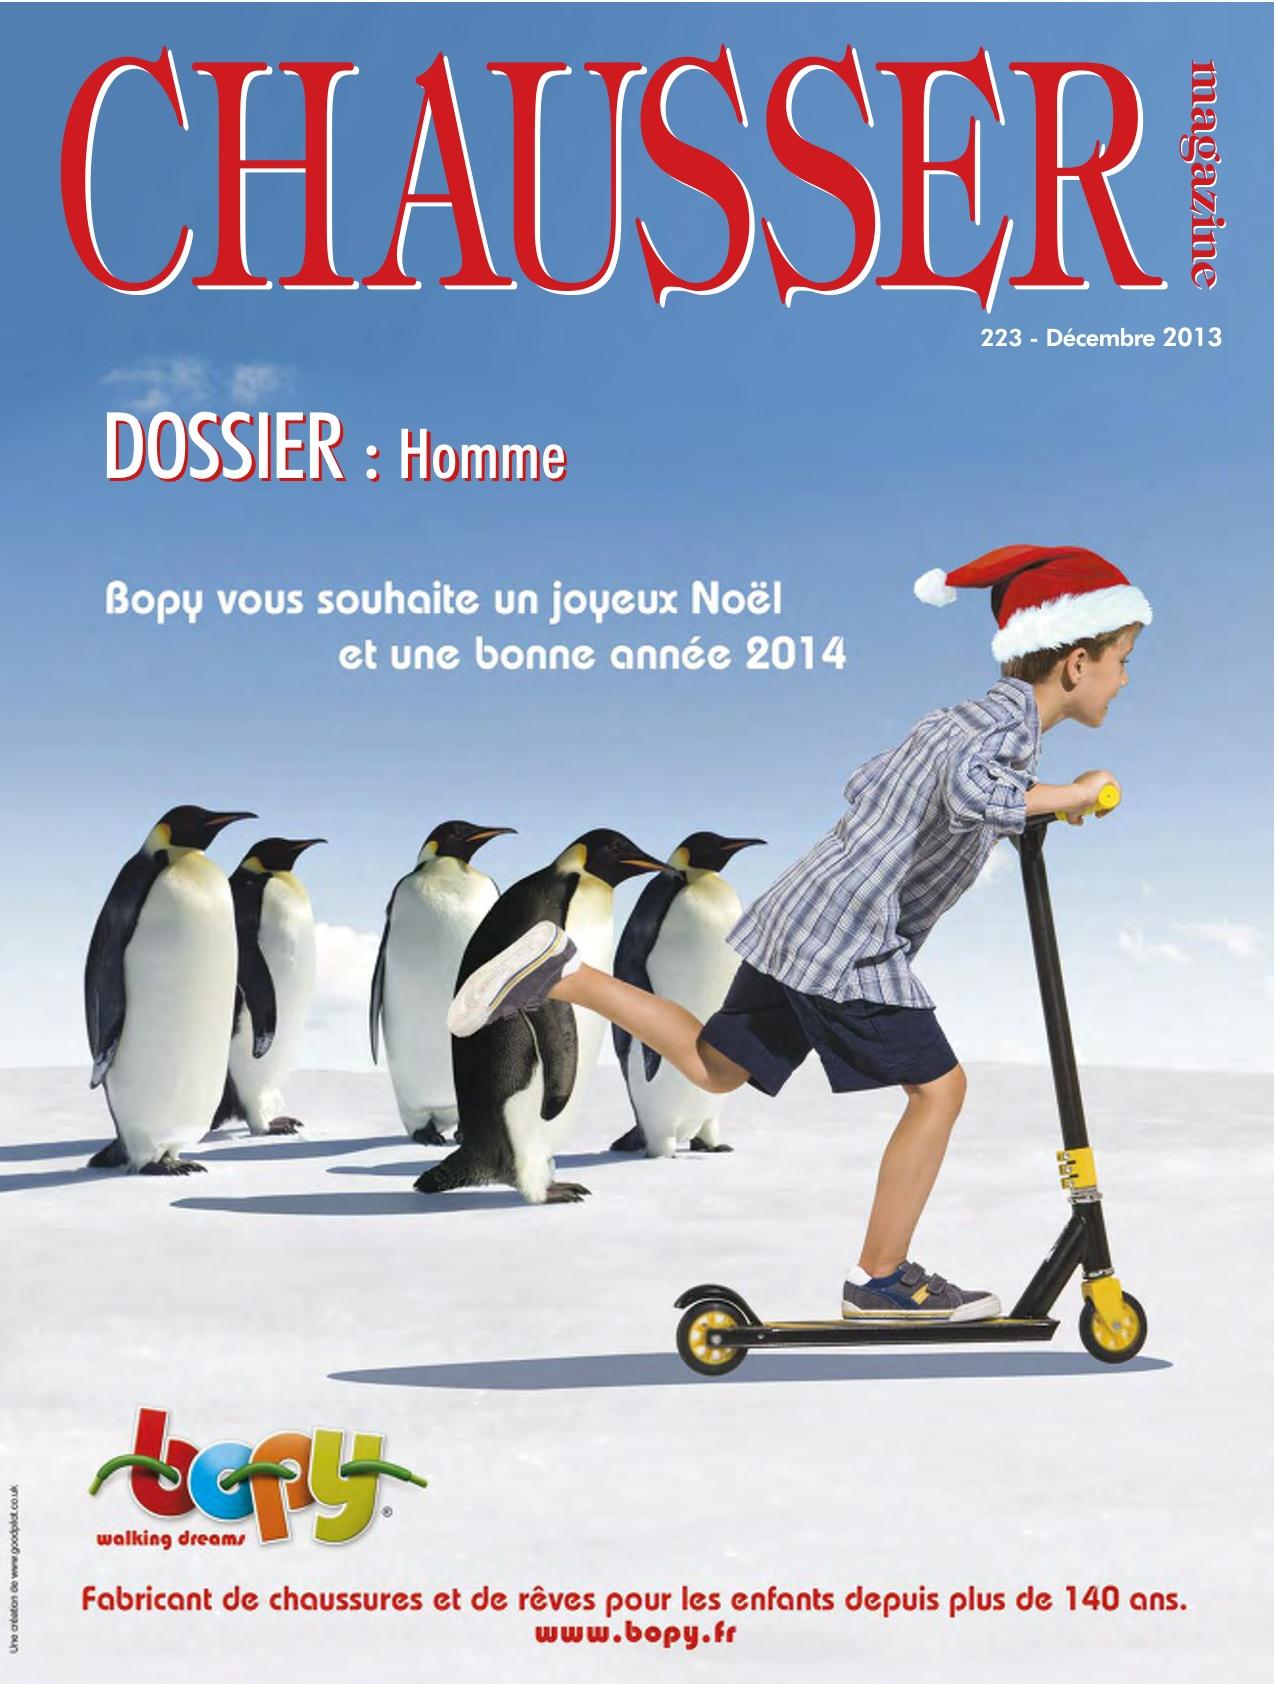 j&j-Chausser-couv-Déc13